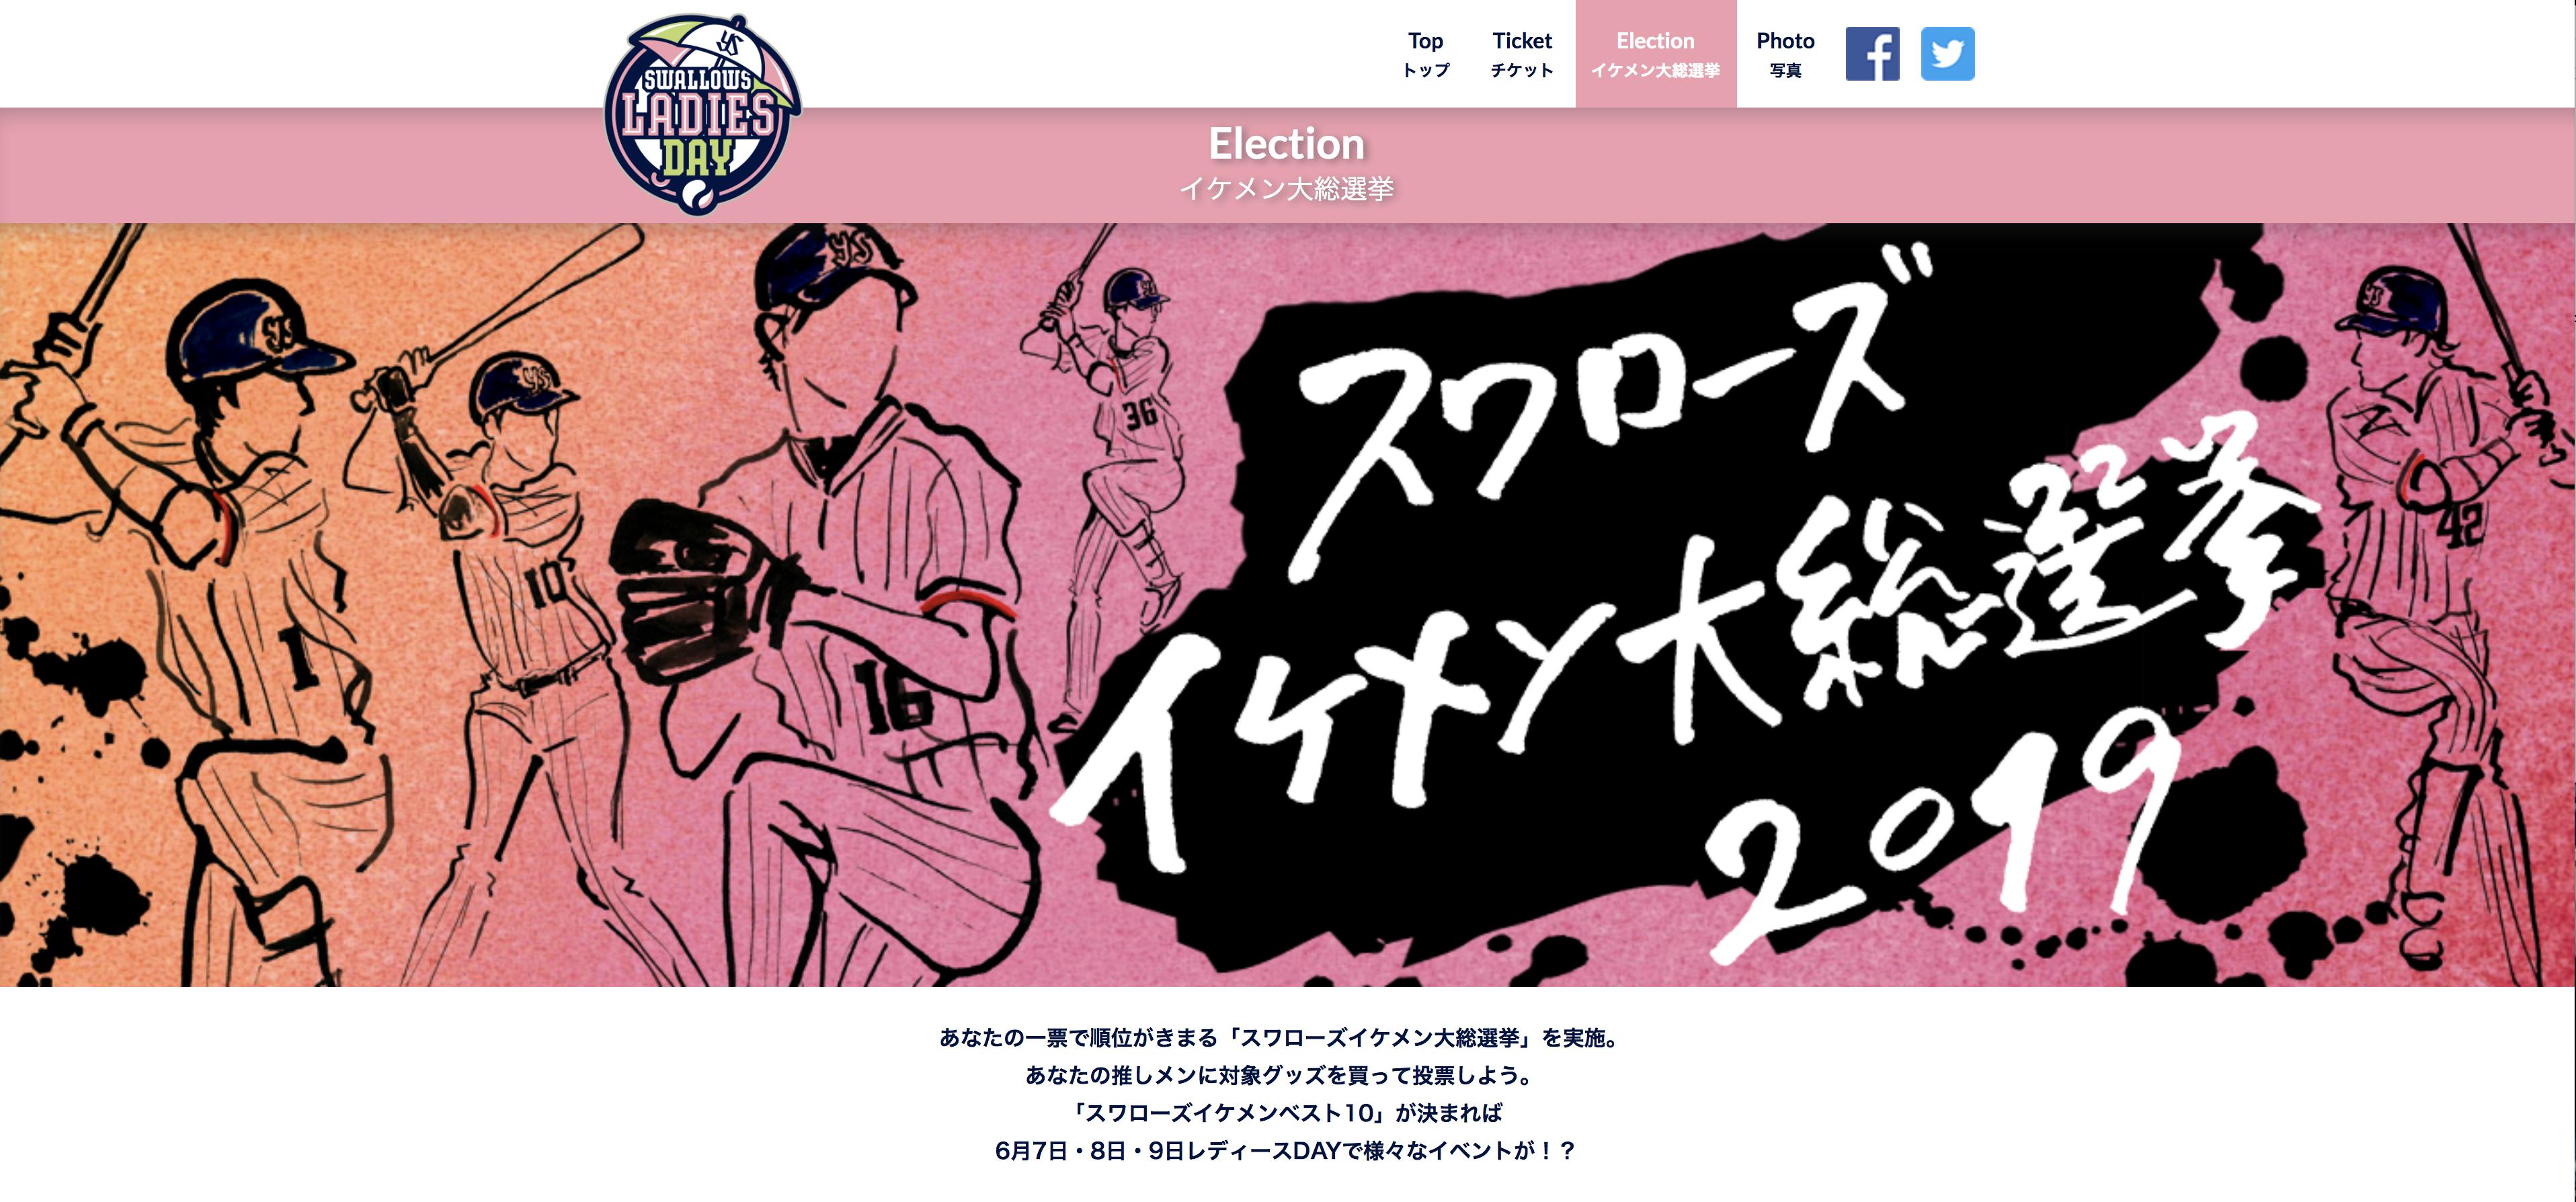 東京ヤクルトスワローズ「スワローズイケメン大総選挙 2019」